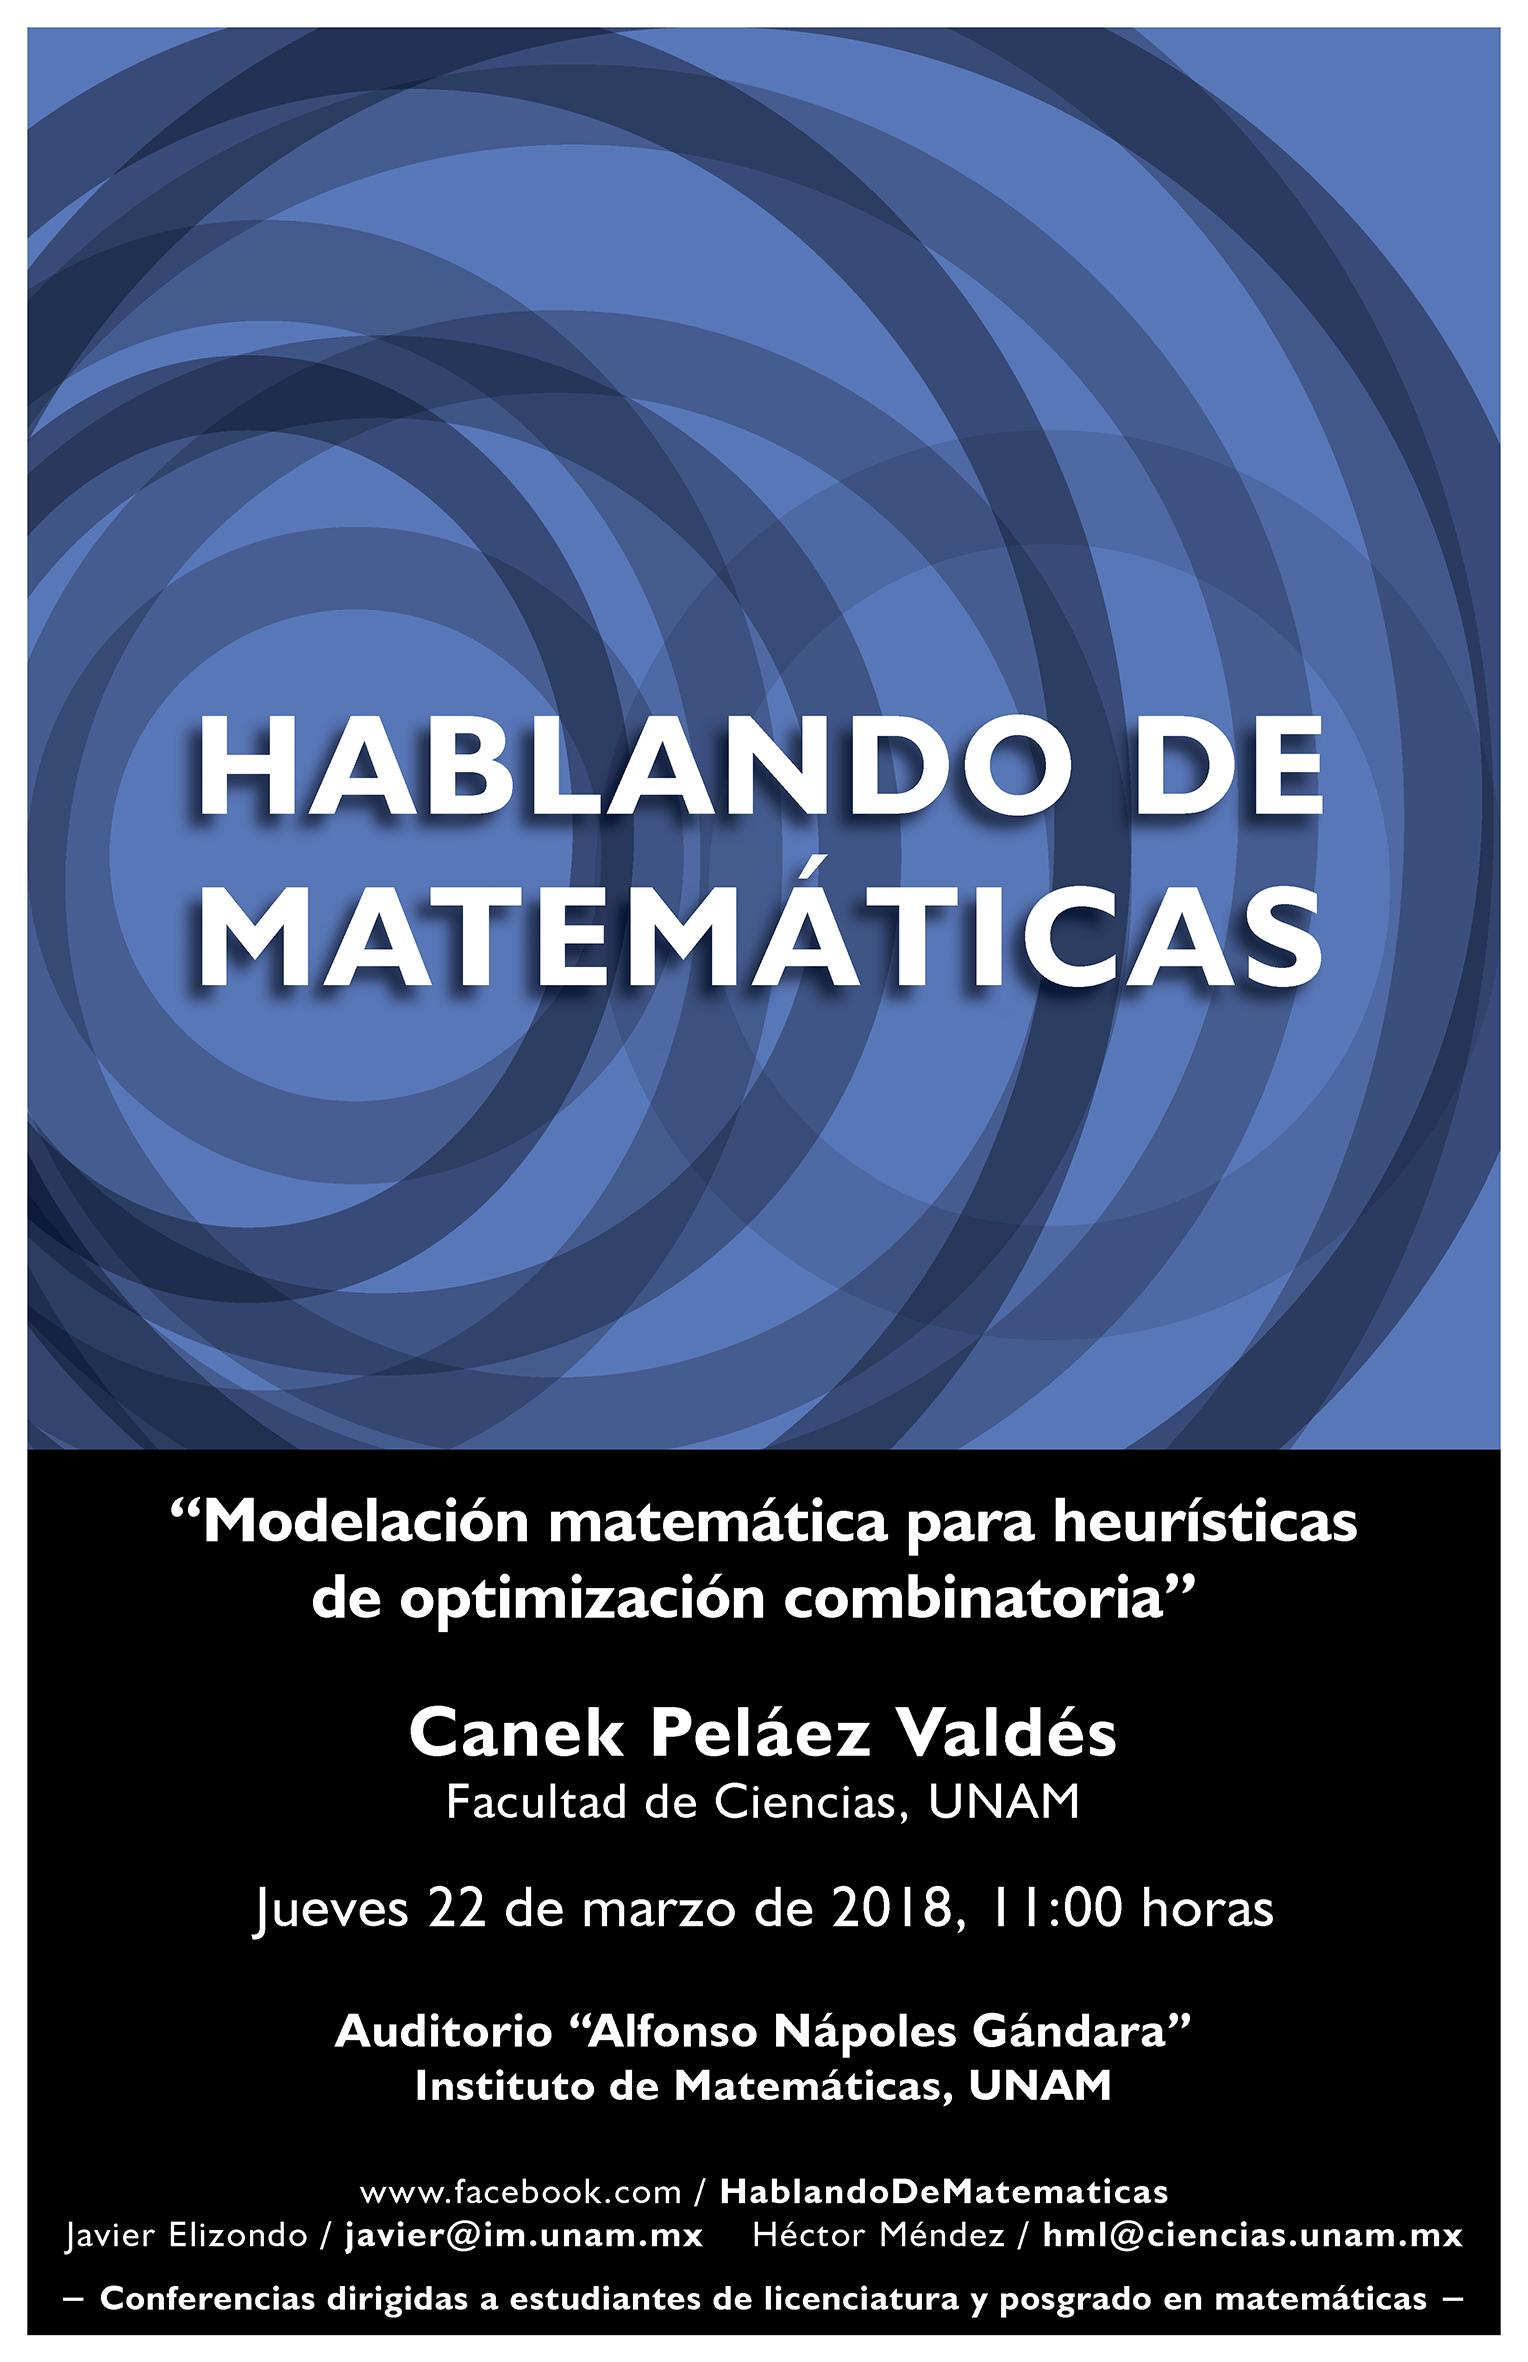 Hablando de Matemáticas: Canek Peláez Valdés Facultad de Ciencias, UNAM